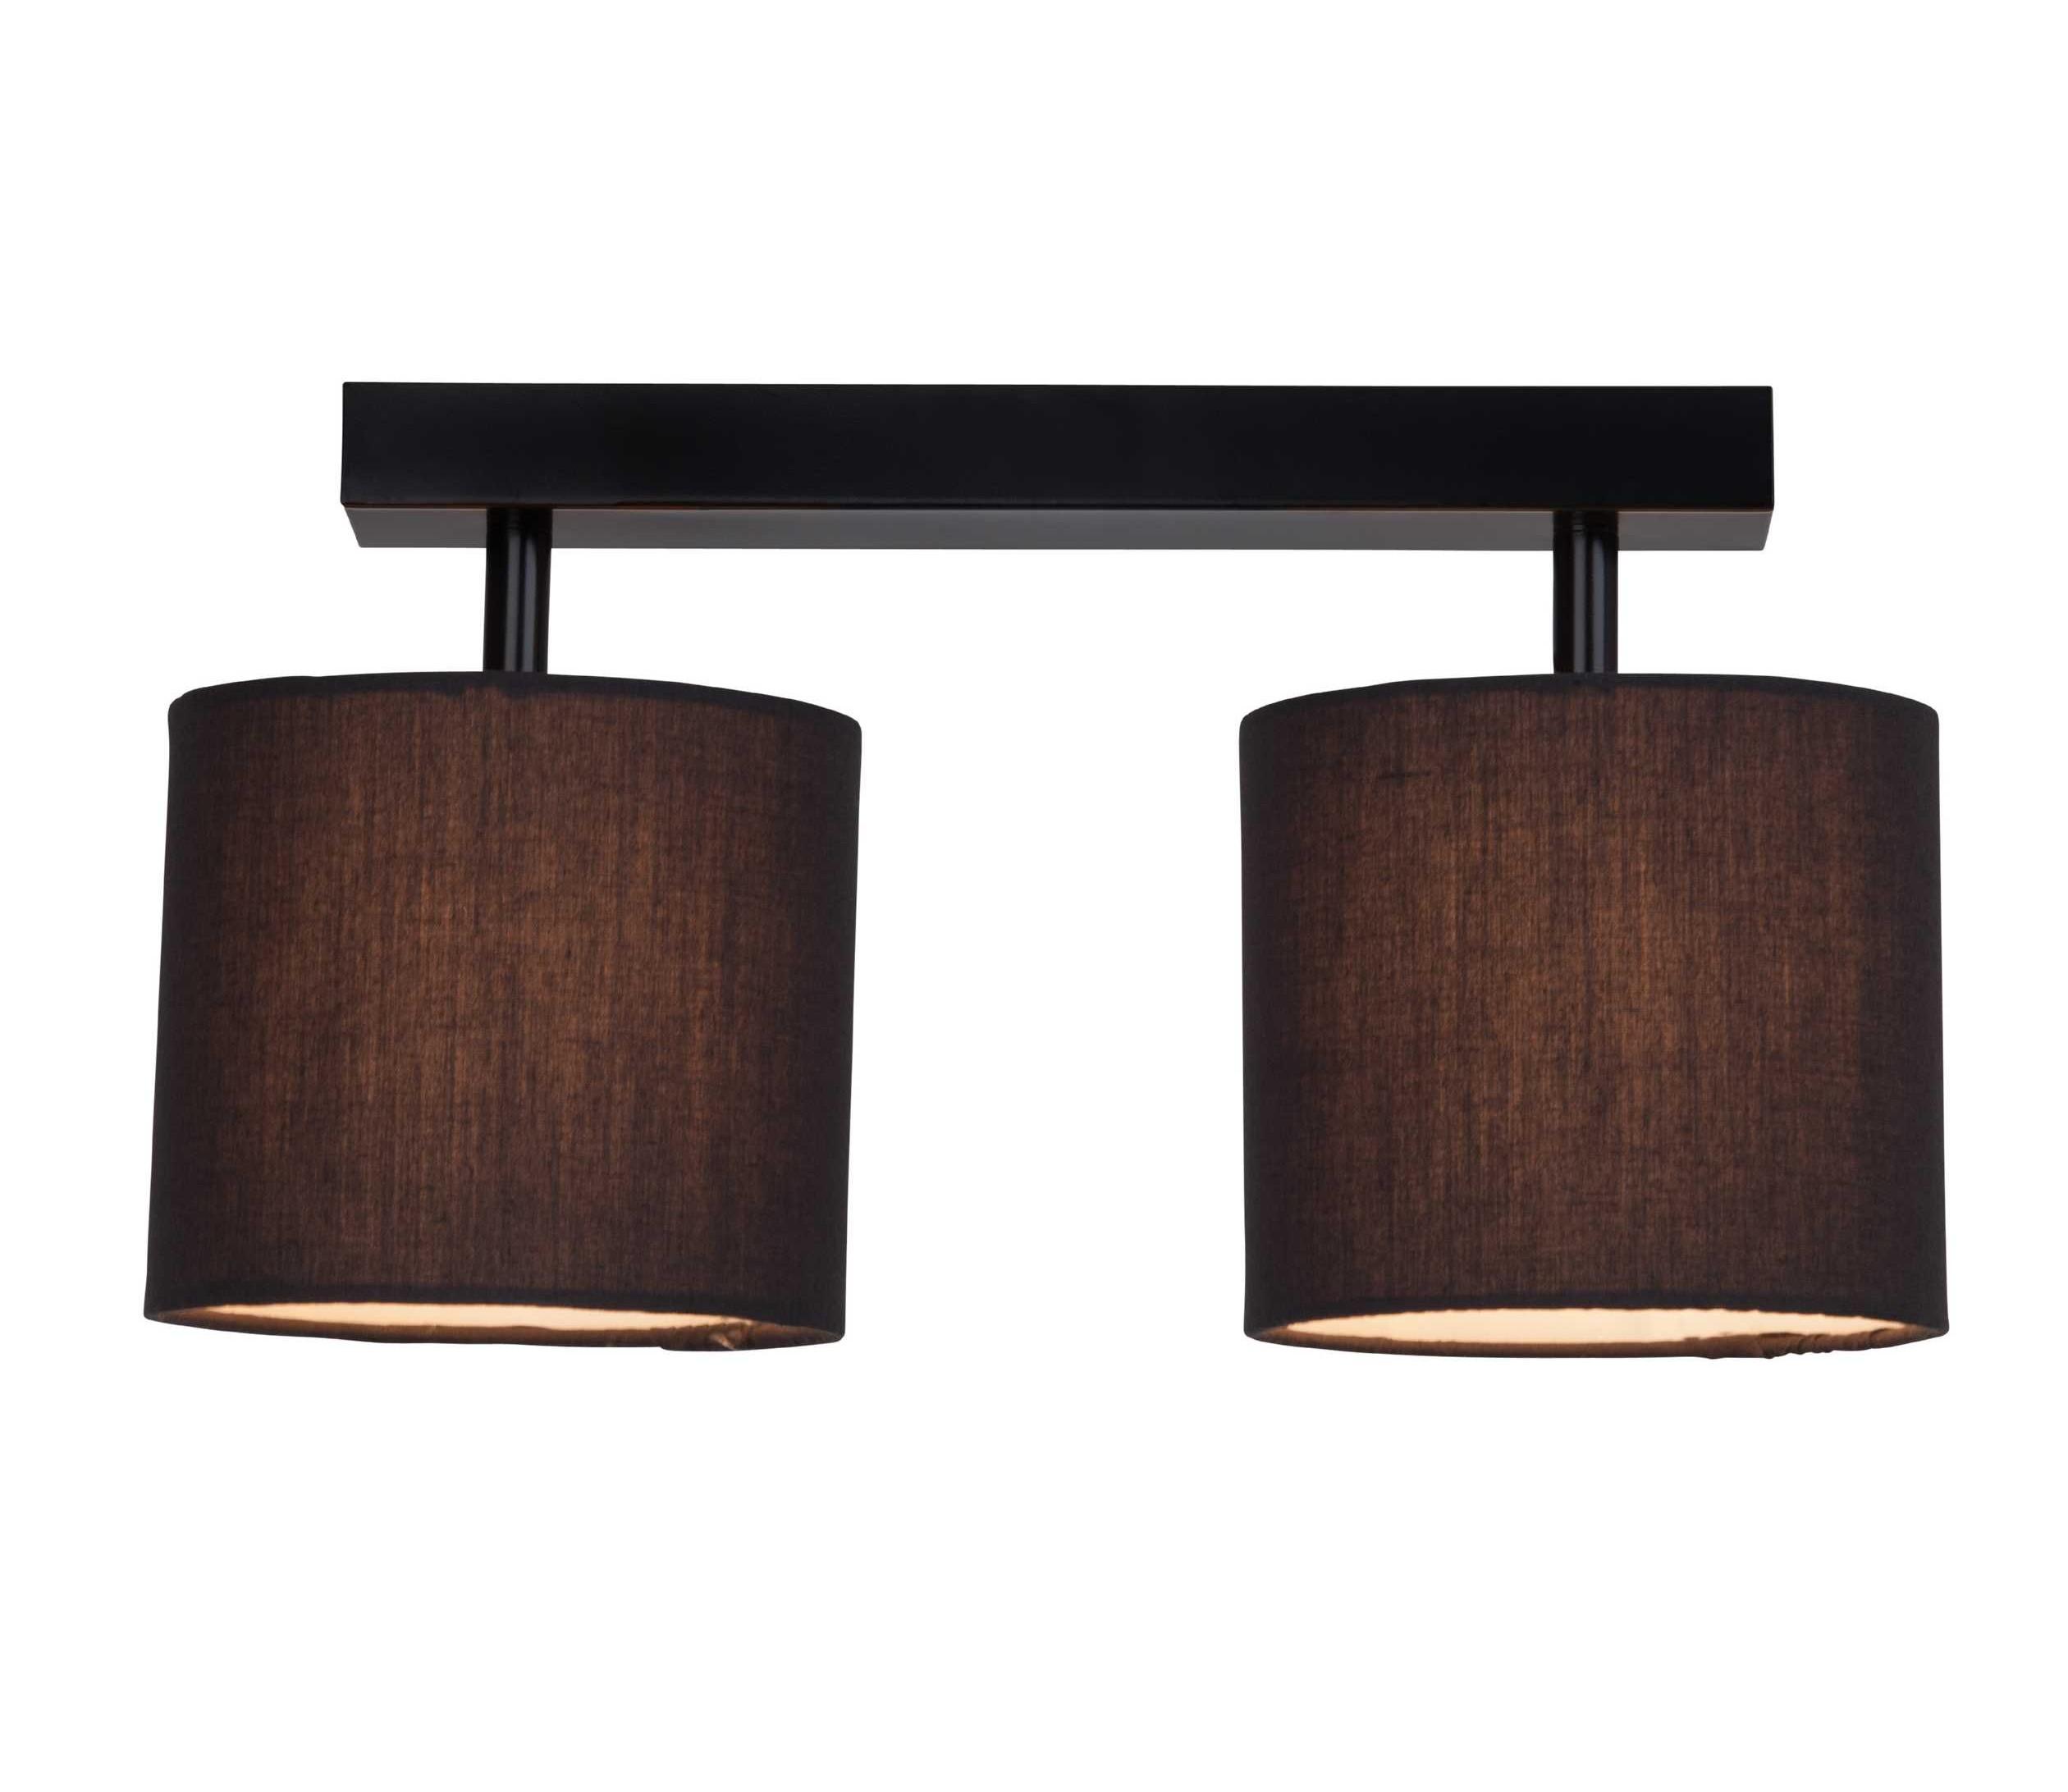 Светильник потолочный SandraПотолочные светильники<br>Материал плафона: текстиль&amp;lt;div&amp;gt;&amp;lt;div&amp;gt;Вид цоколя:G9&amp;lt;/div&amp;gt;&amp;lt;div&amp;gt;Мощность лампы: 40W&amp;lt;/div&amp;gt;&amp;lt;div&amp;gt;Количество ламп: 2&amp;lt;/div&amp;gt;&amp;lt;div&amp;gt;Наличие ламп: да&amp;lt;/div&amp;gt;&amp;lt;/div&amp;gt;&amp;lt;div&amp;gt;&amp;lt;br&amp;gt;&amp;lt;/div&amp;gt;<br><br>Material: Металл<br>Ширина см: 34<br>Высота см: 19<br>Глубина см: 13